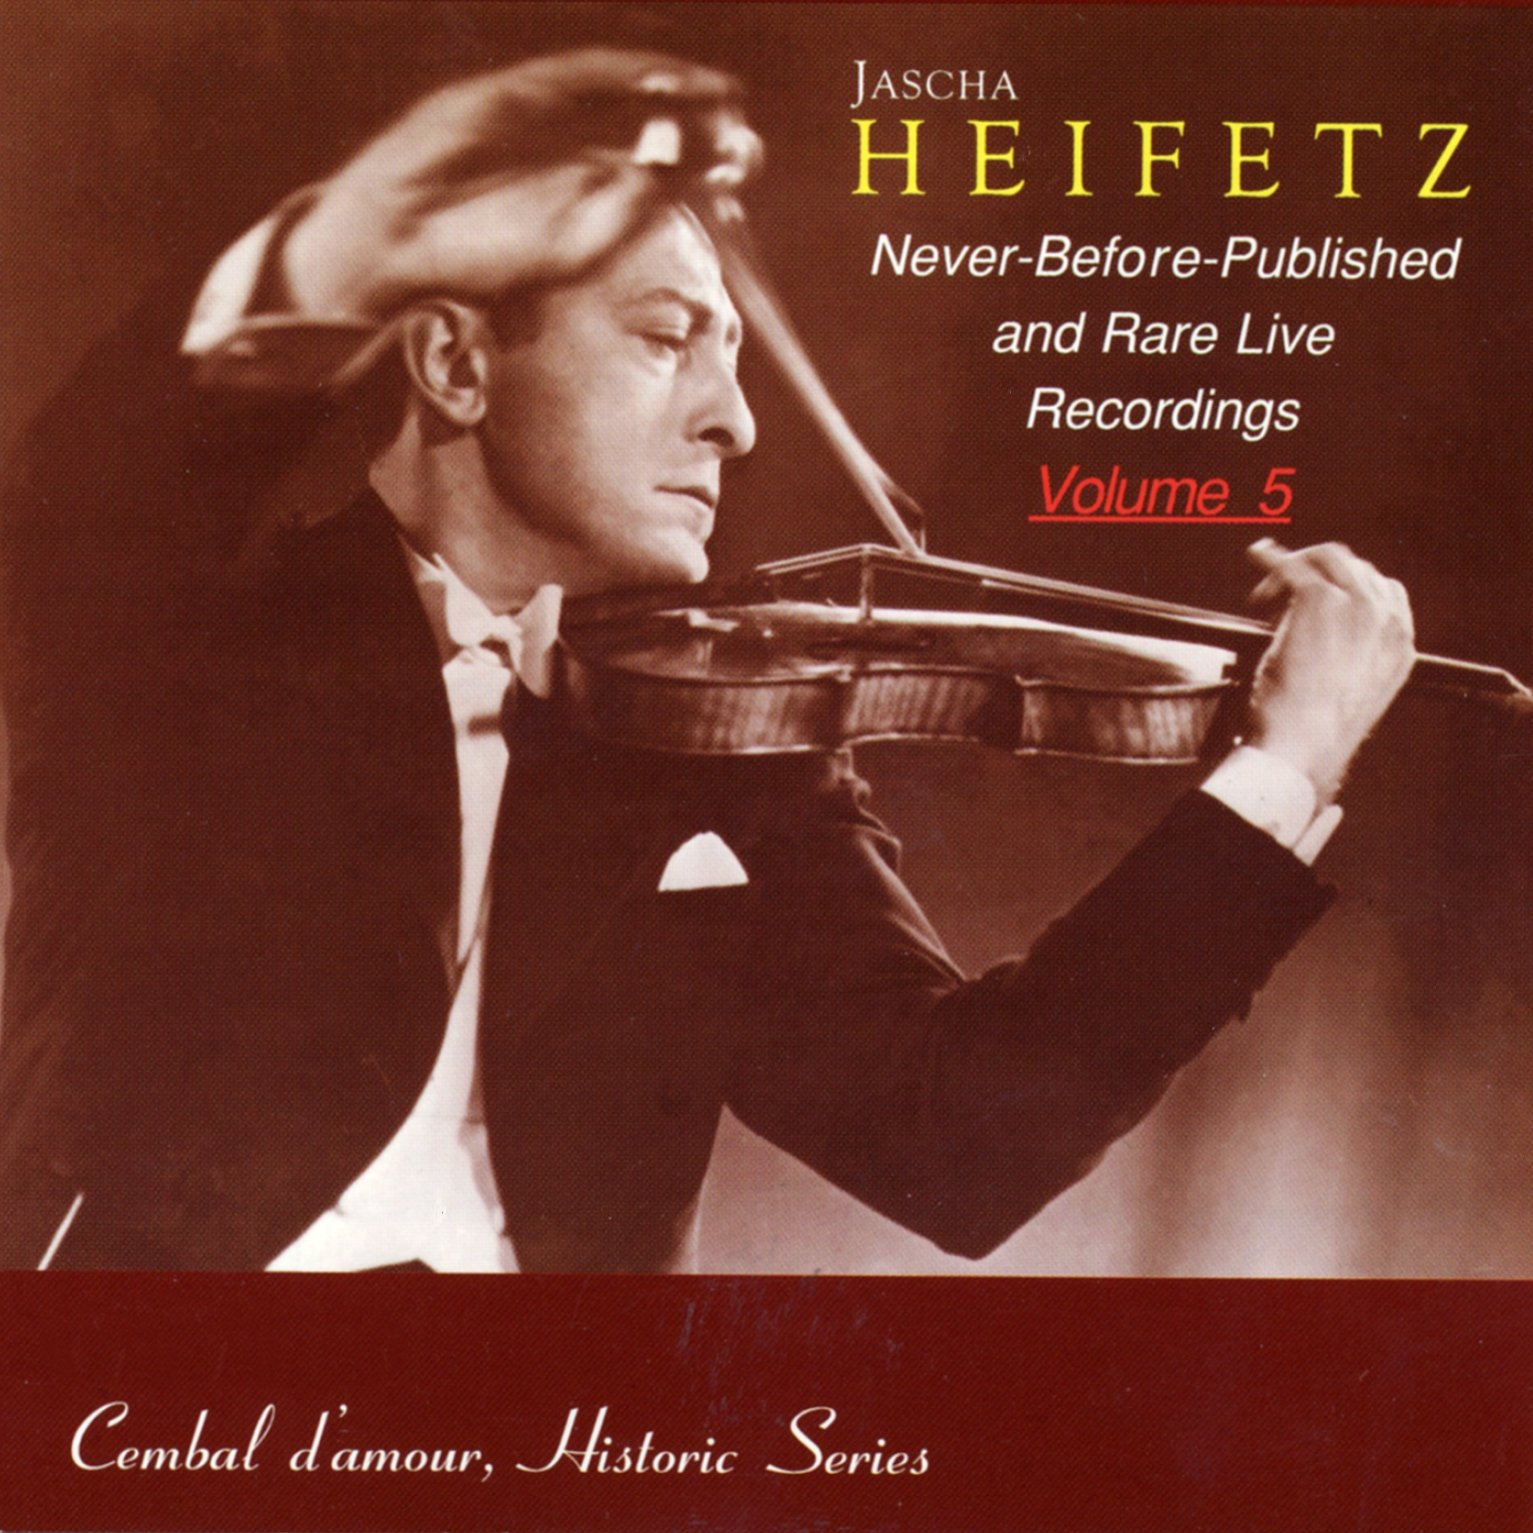 Jascha Heifetz Live, Vol. 5 by Cembal d'amour